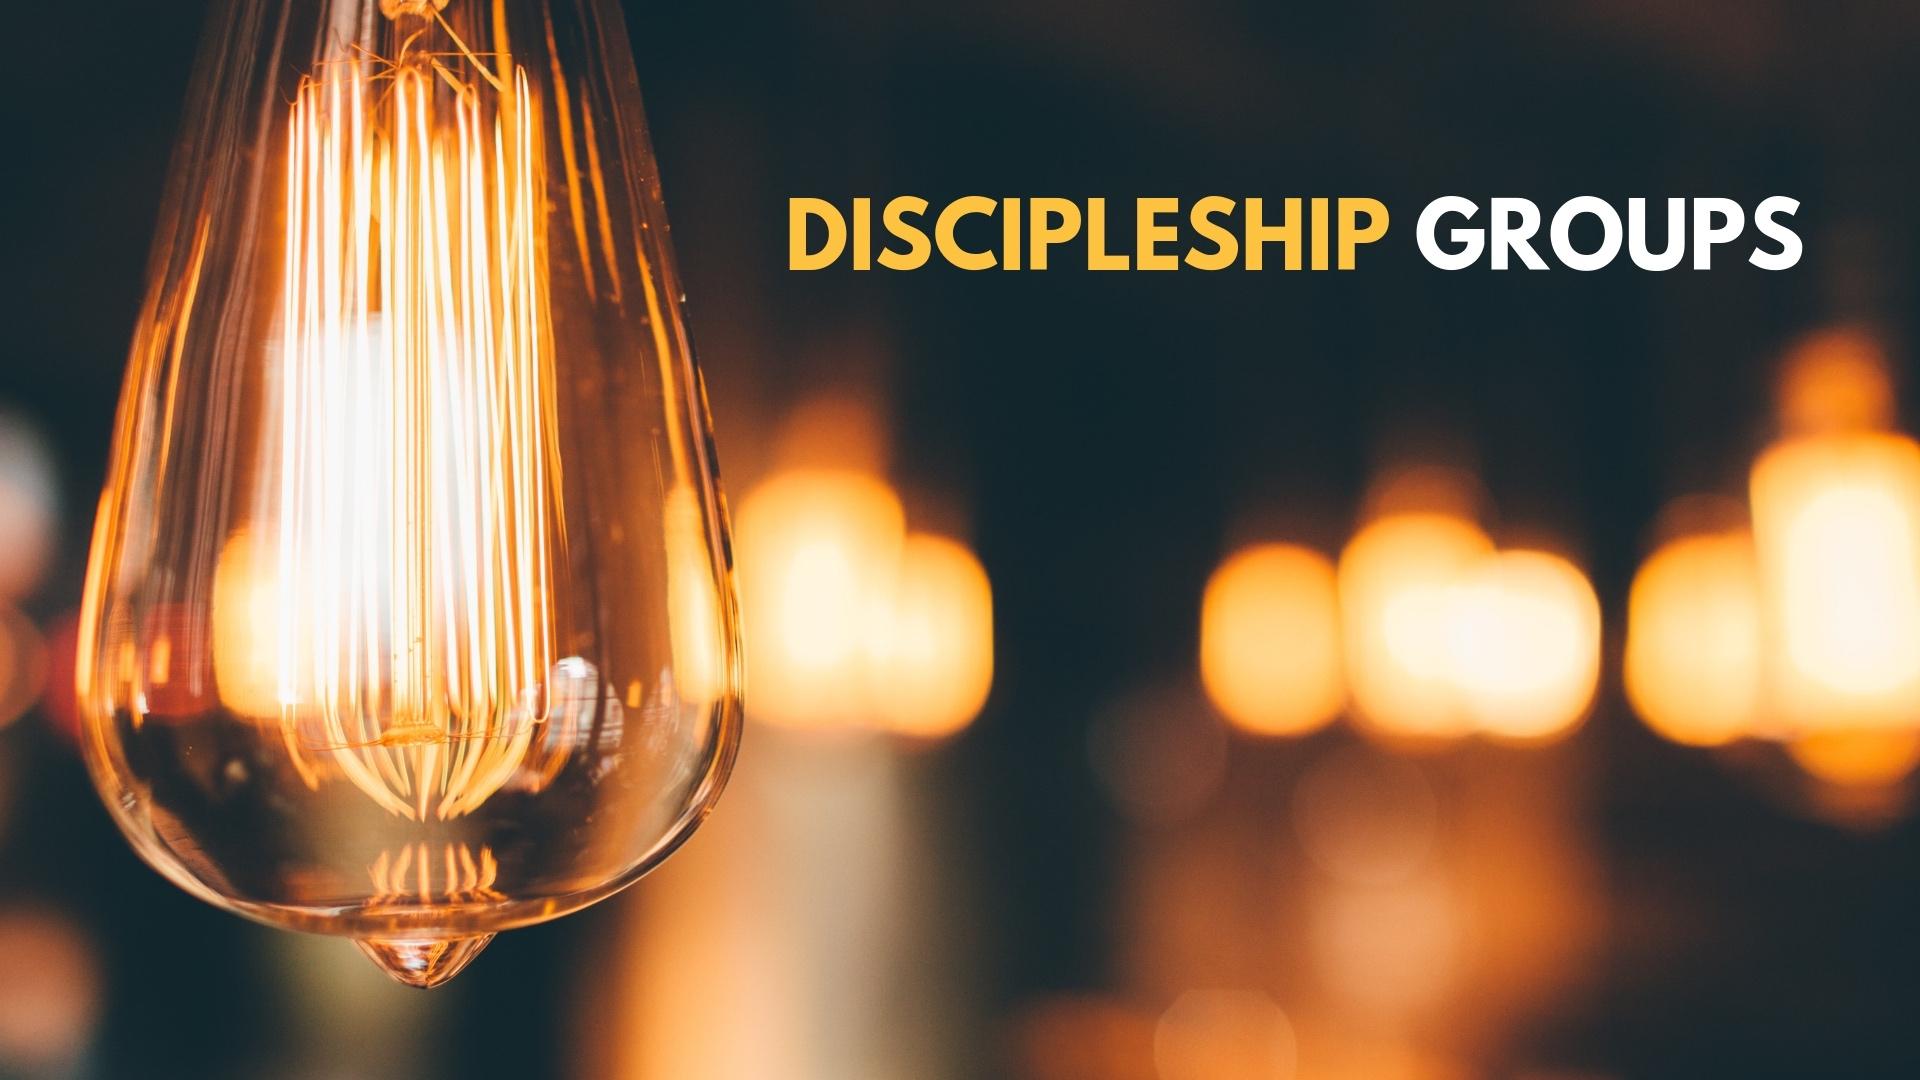 DISCIPLESHIP+GROUPS.jpg